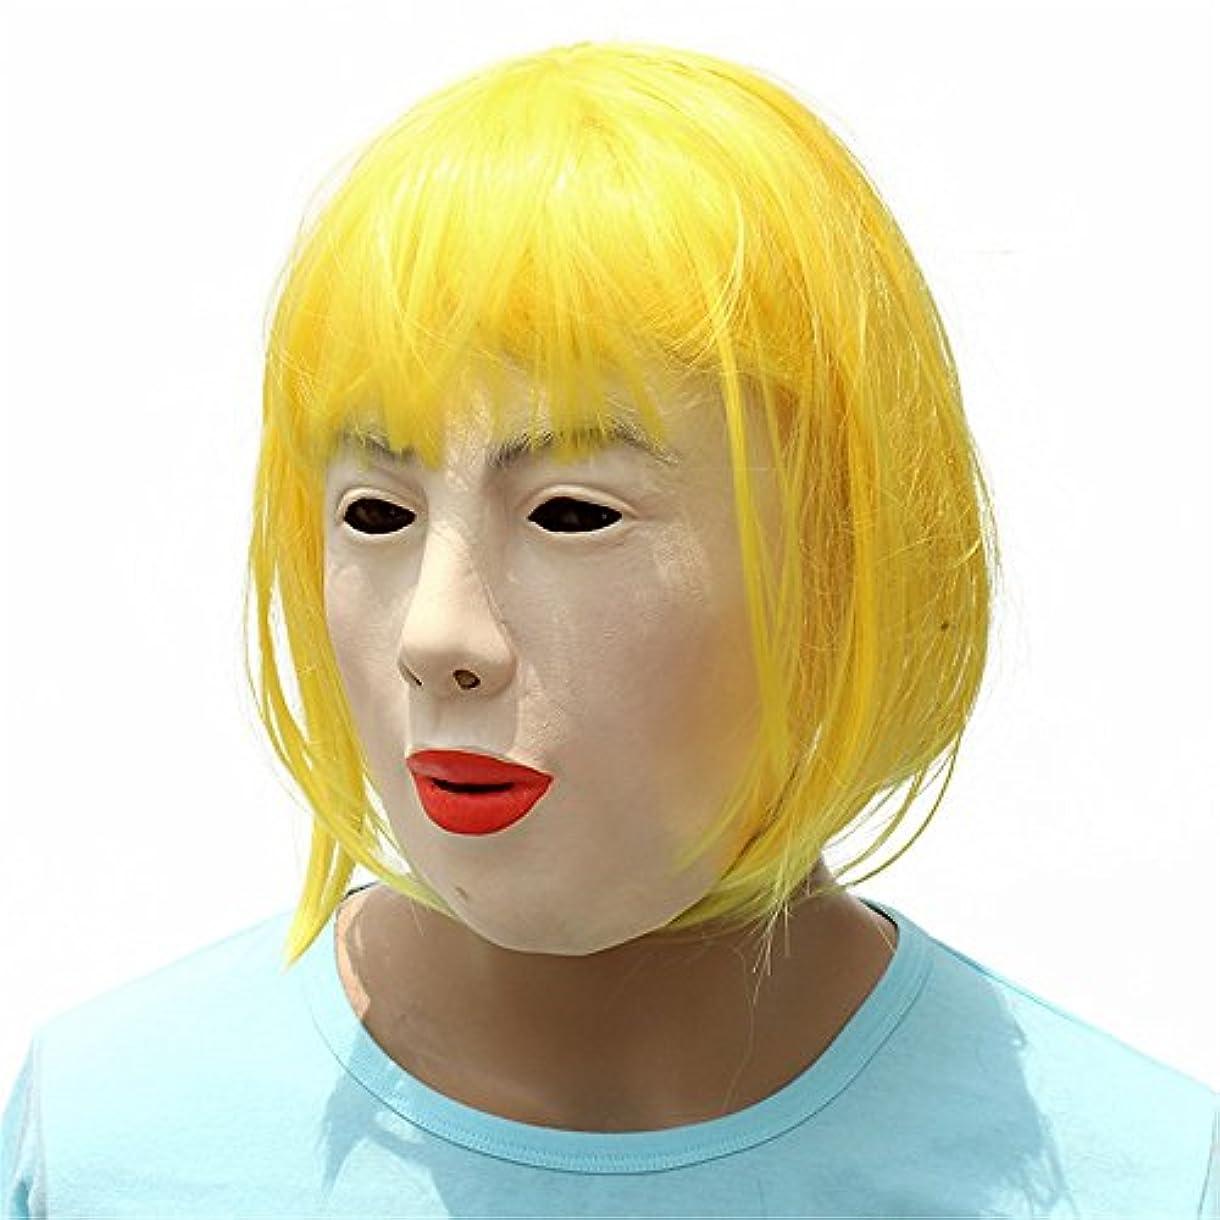 演劇肉腫元のハロウィーンホリデーパーティー金髪シミュレーション美容ラテックスマスク